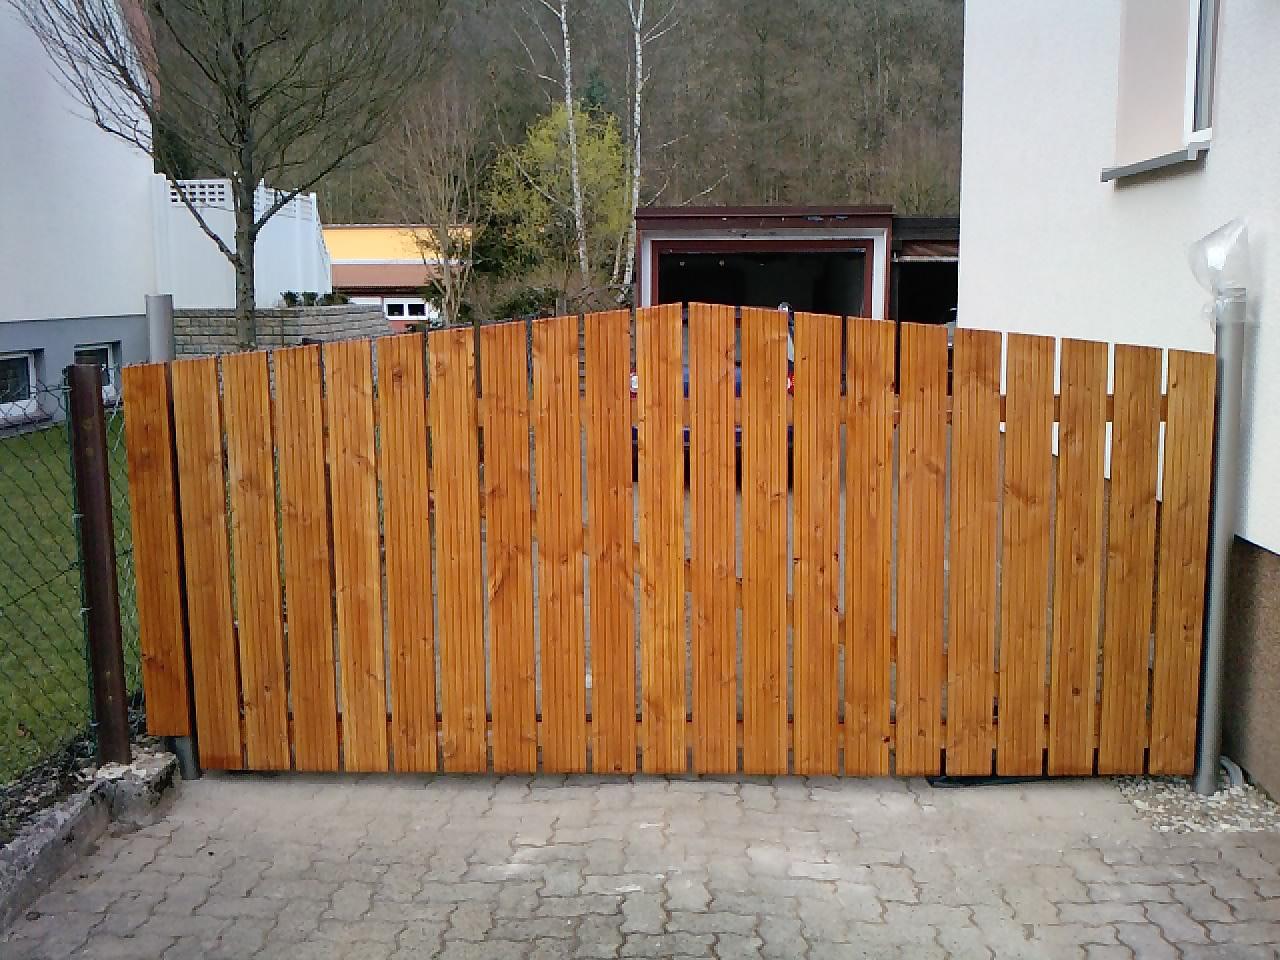 Beliebt Hoftor aus robustem Douglasie - Bauanleitung zum Selberbauen - 1-2 UB81